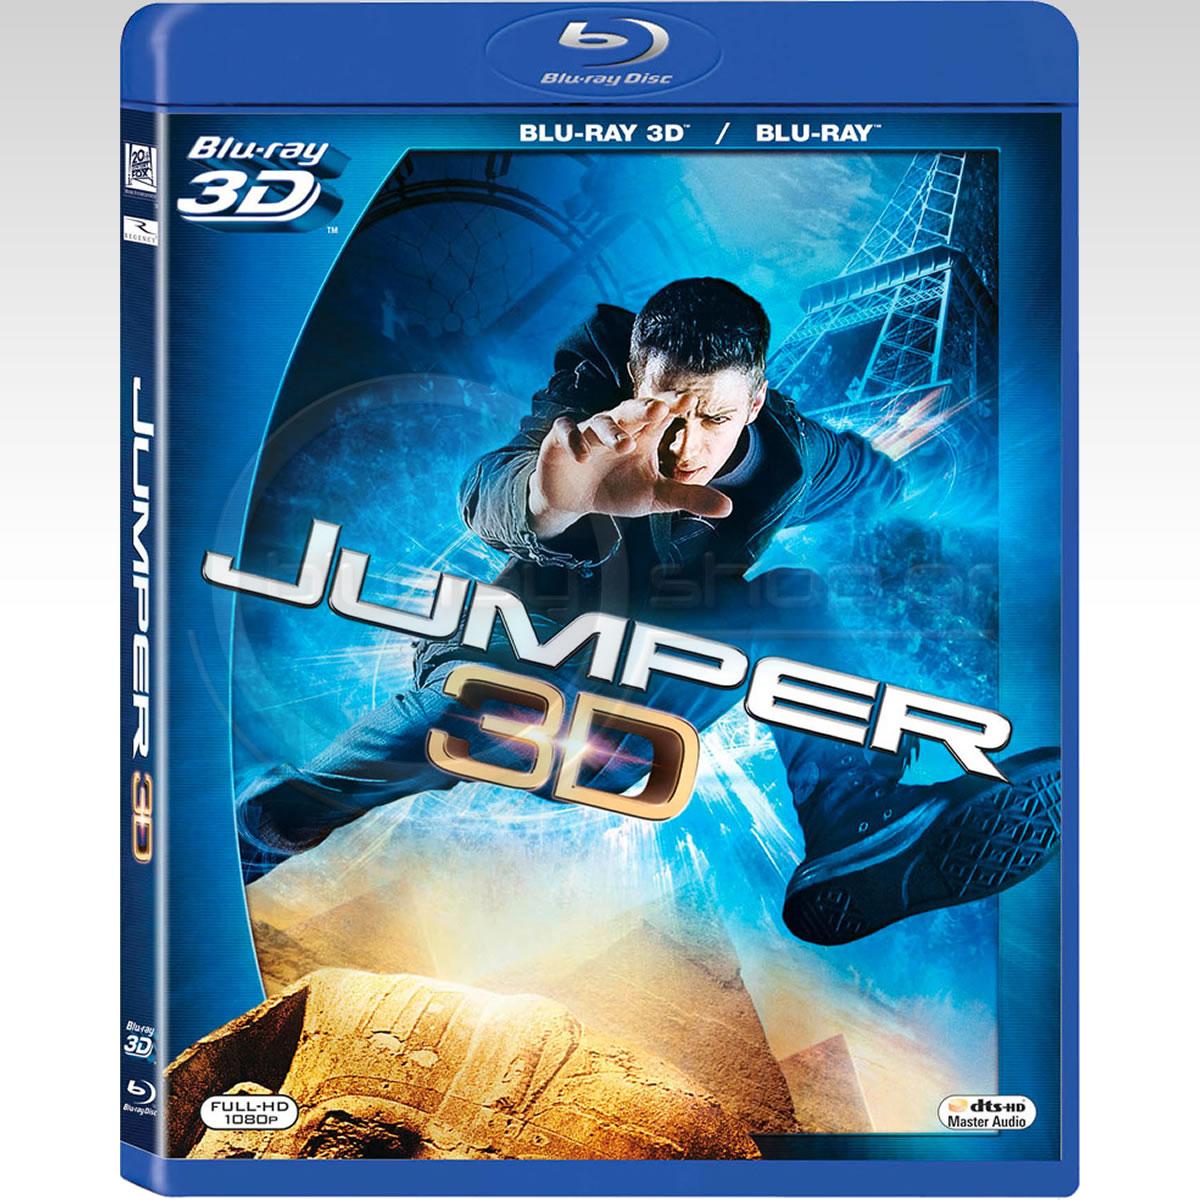 Скачать клипы full hd 1080p в блюрей качестве blu-ray бесплатно.